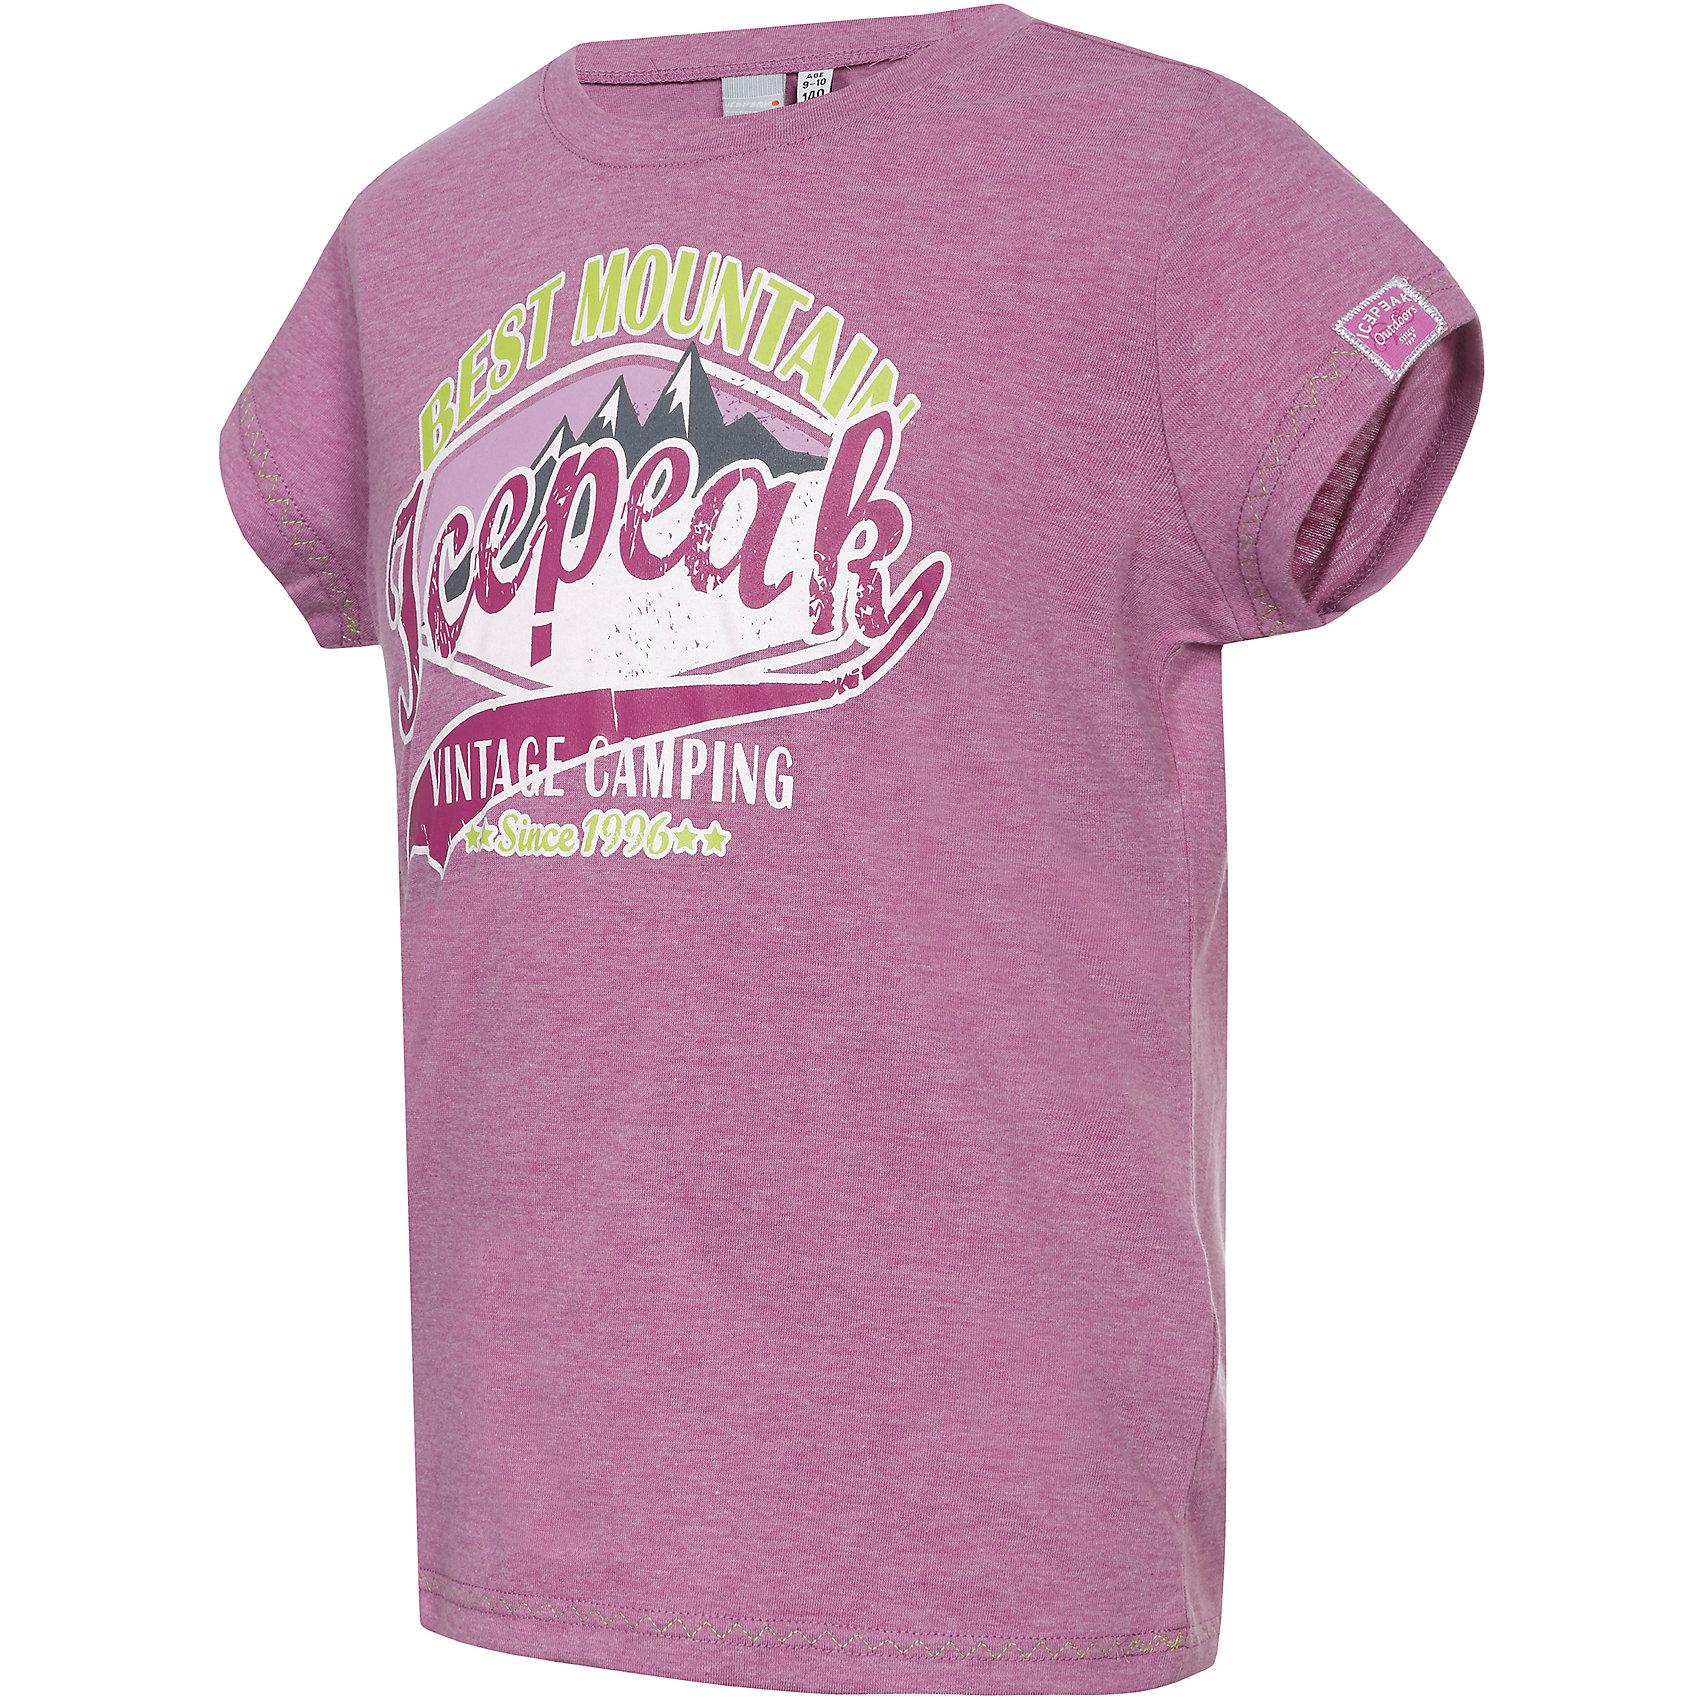 Футболка для девочки ICEPEAKОдежда<br>Хлопковая футболка с ярким декоративным принтом и логотипом Icepeak.  <br><br>Состав: 65% полиэстер, 35% хлопок<br><br>Ширина мм: 199<br>Глубина мм: 10<br>Высота мм: 161<br>Вес г: 151<br>Цвет: розовый<br>Возраст от месяцев: 132<br>Возраст до месяцев: 144<br>Пол: Женский<br>Возраст: Детский<br>Размер: 152,128,164,140,116<br>SKU: 4046109